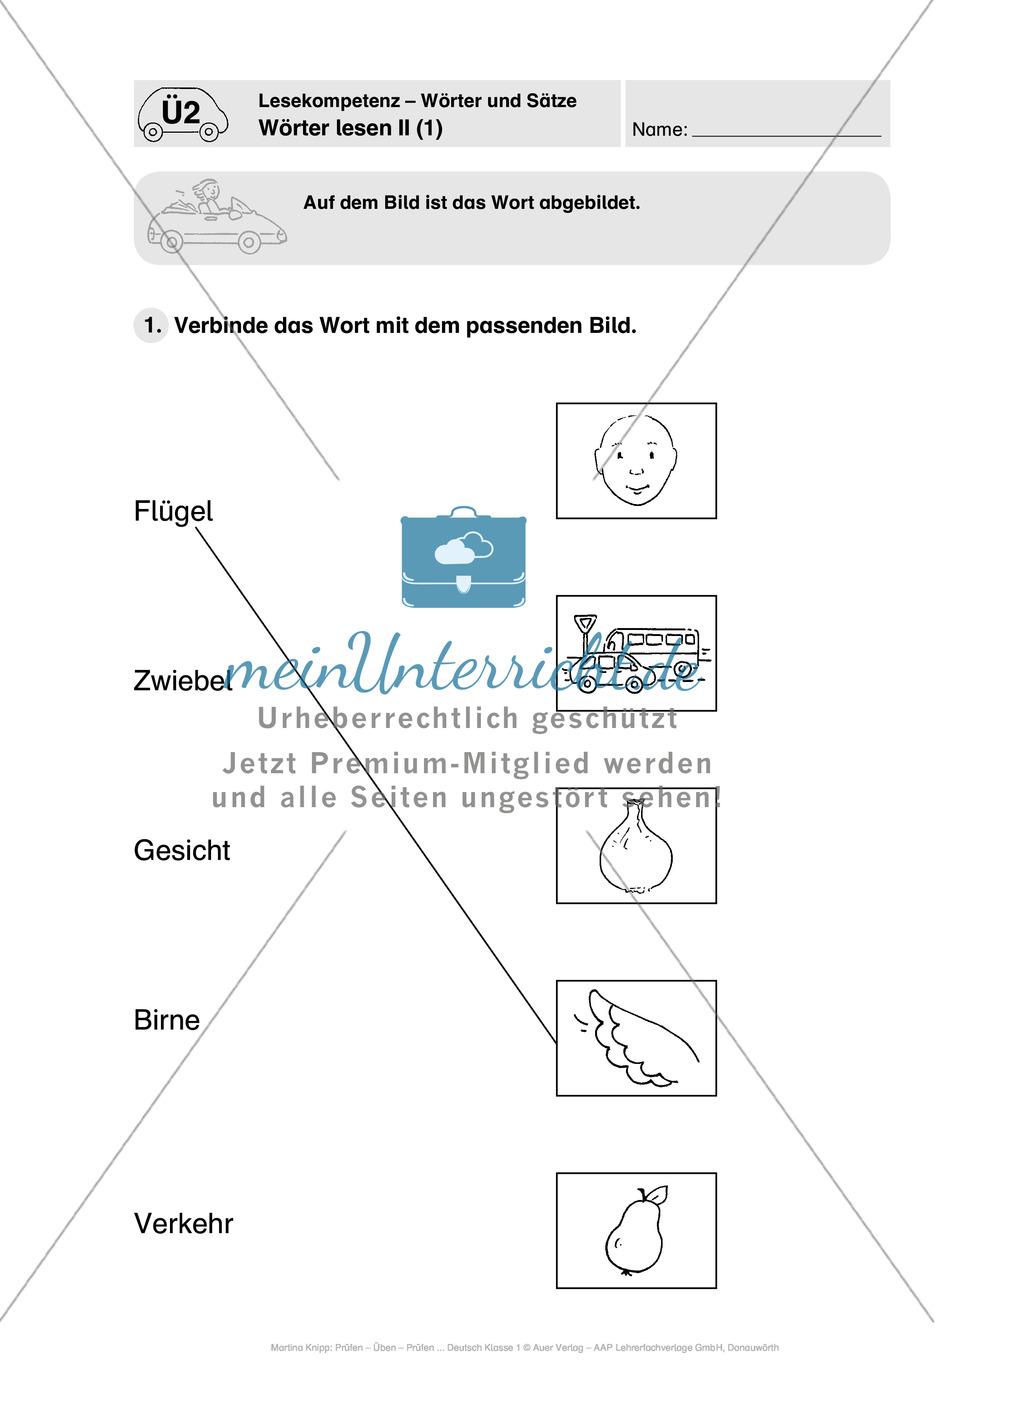 Lesekompetenz - Wörter und Sätze: Vorwort, Führerschein, Übungen und Tests Preview 9